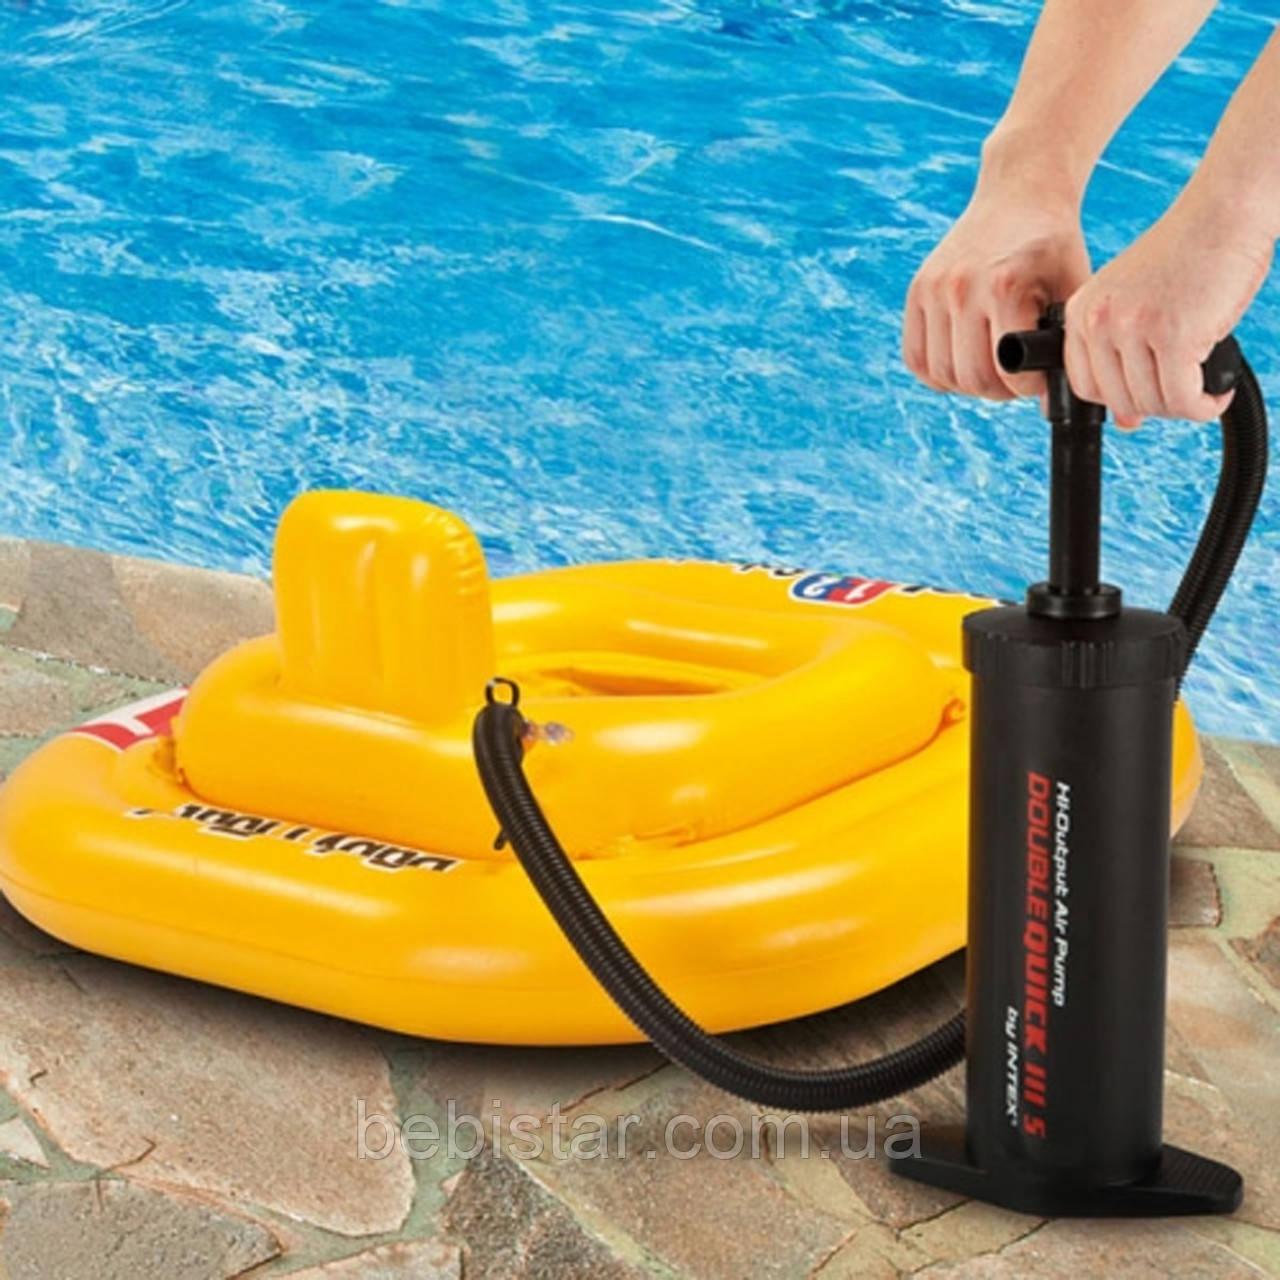 Ручной насос Intex 37 см для накачивания бассейнов, надувных кроватей, детских игрушек и мячей